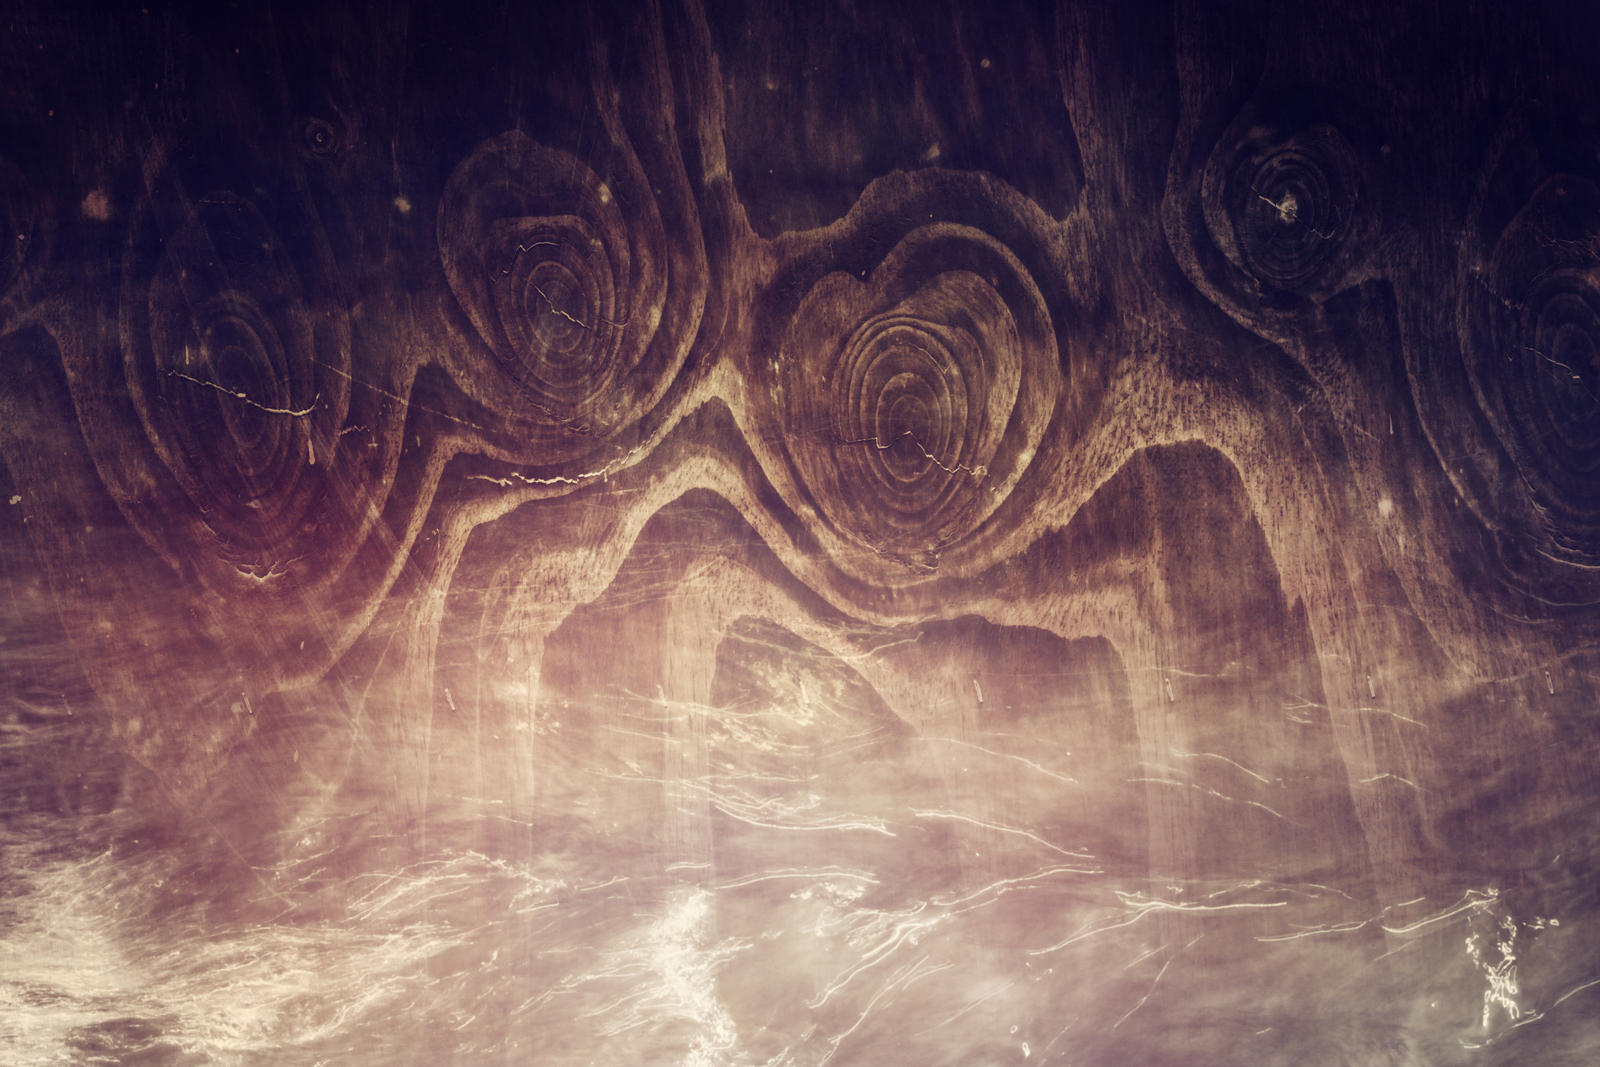 Texture 409 by Sirius-sdz